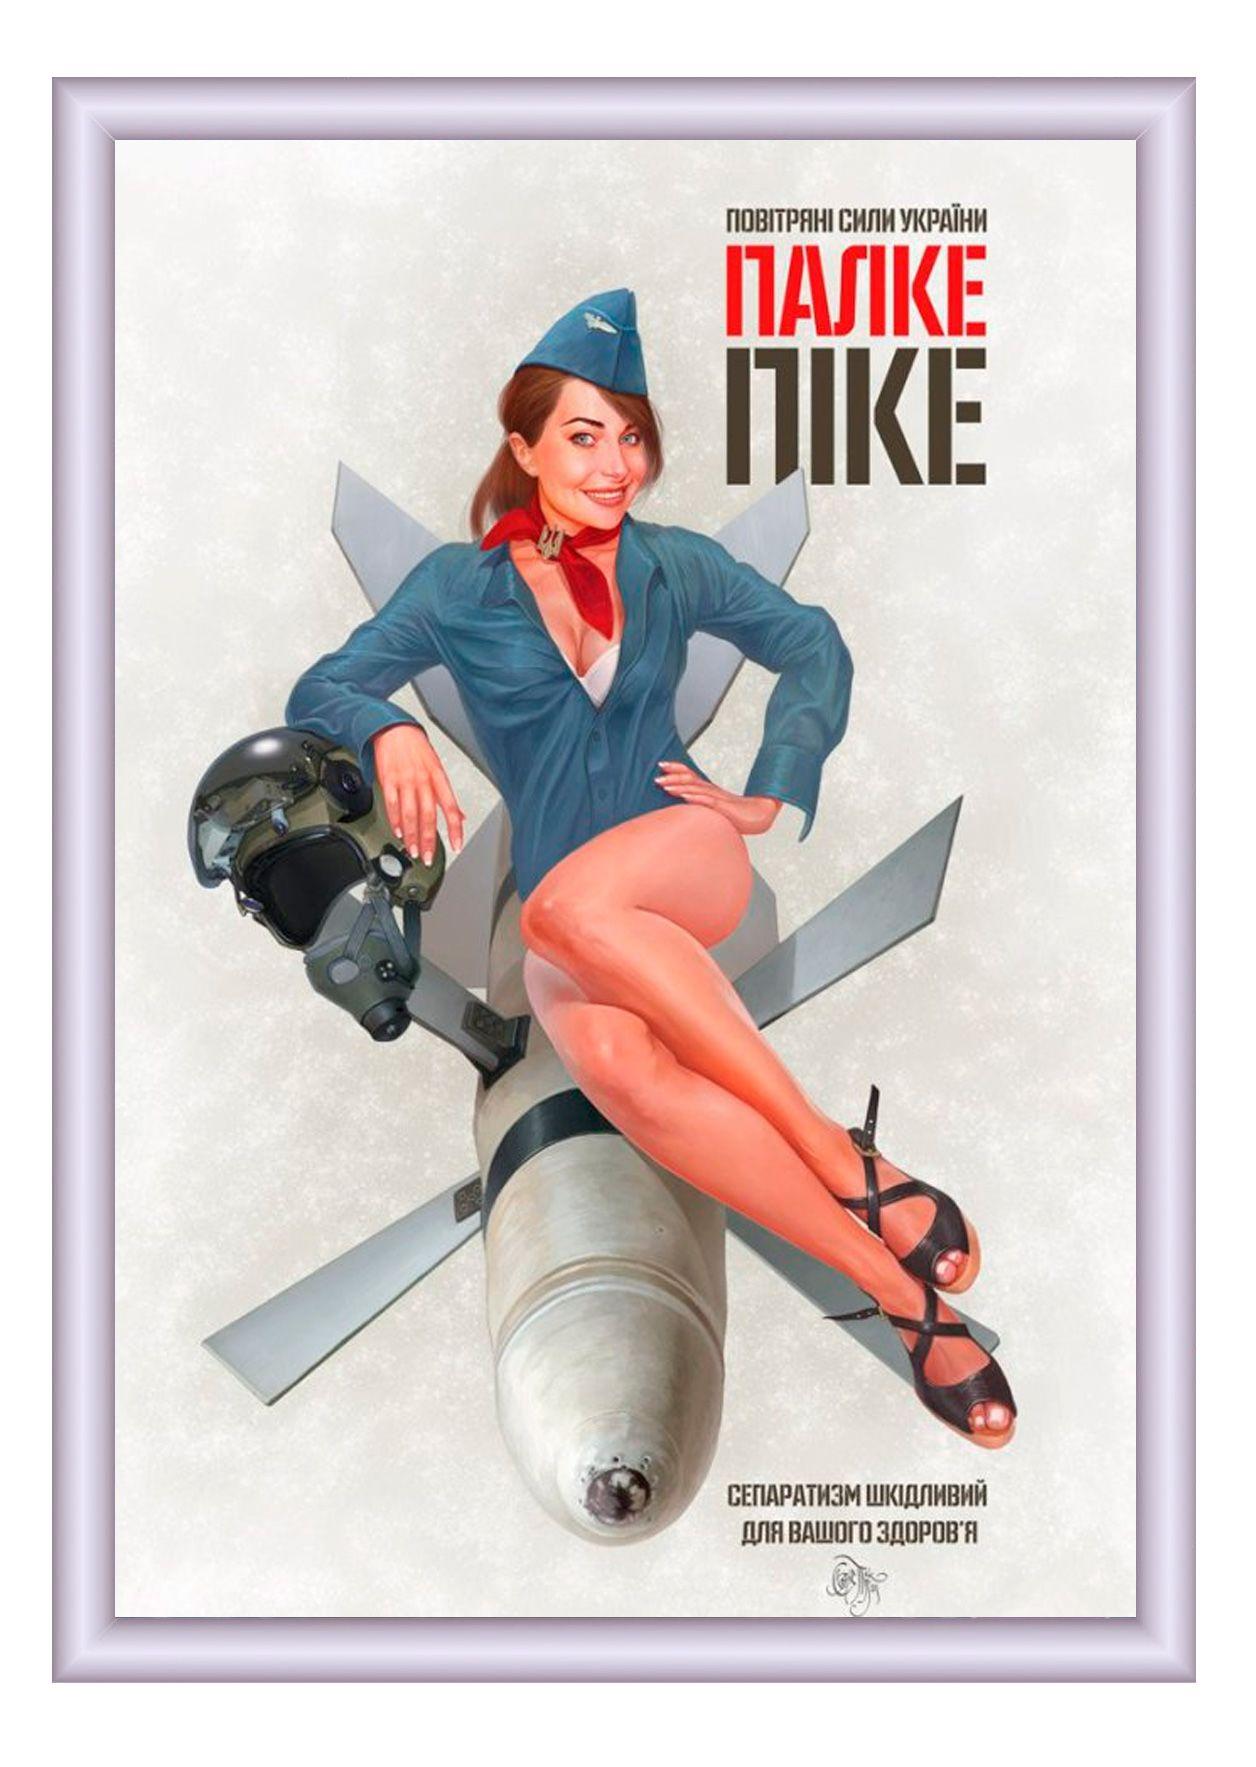 Рамка для постера Click В1 (700х1000), 25 мм, прямые углы